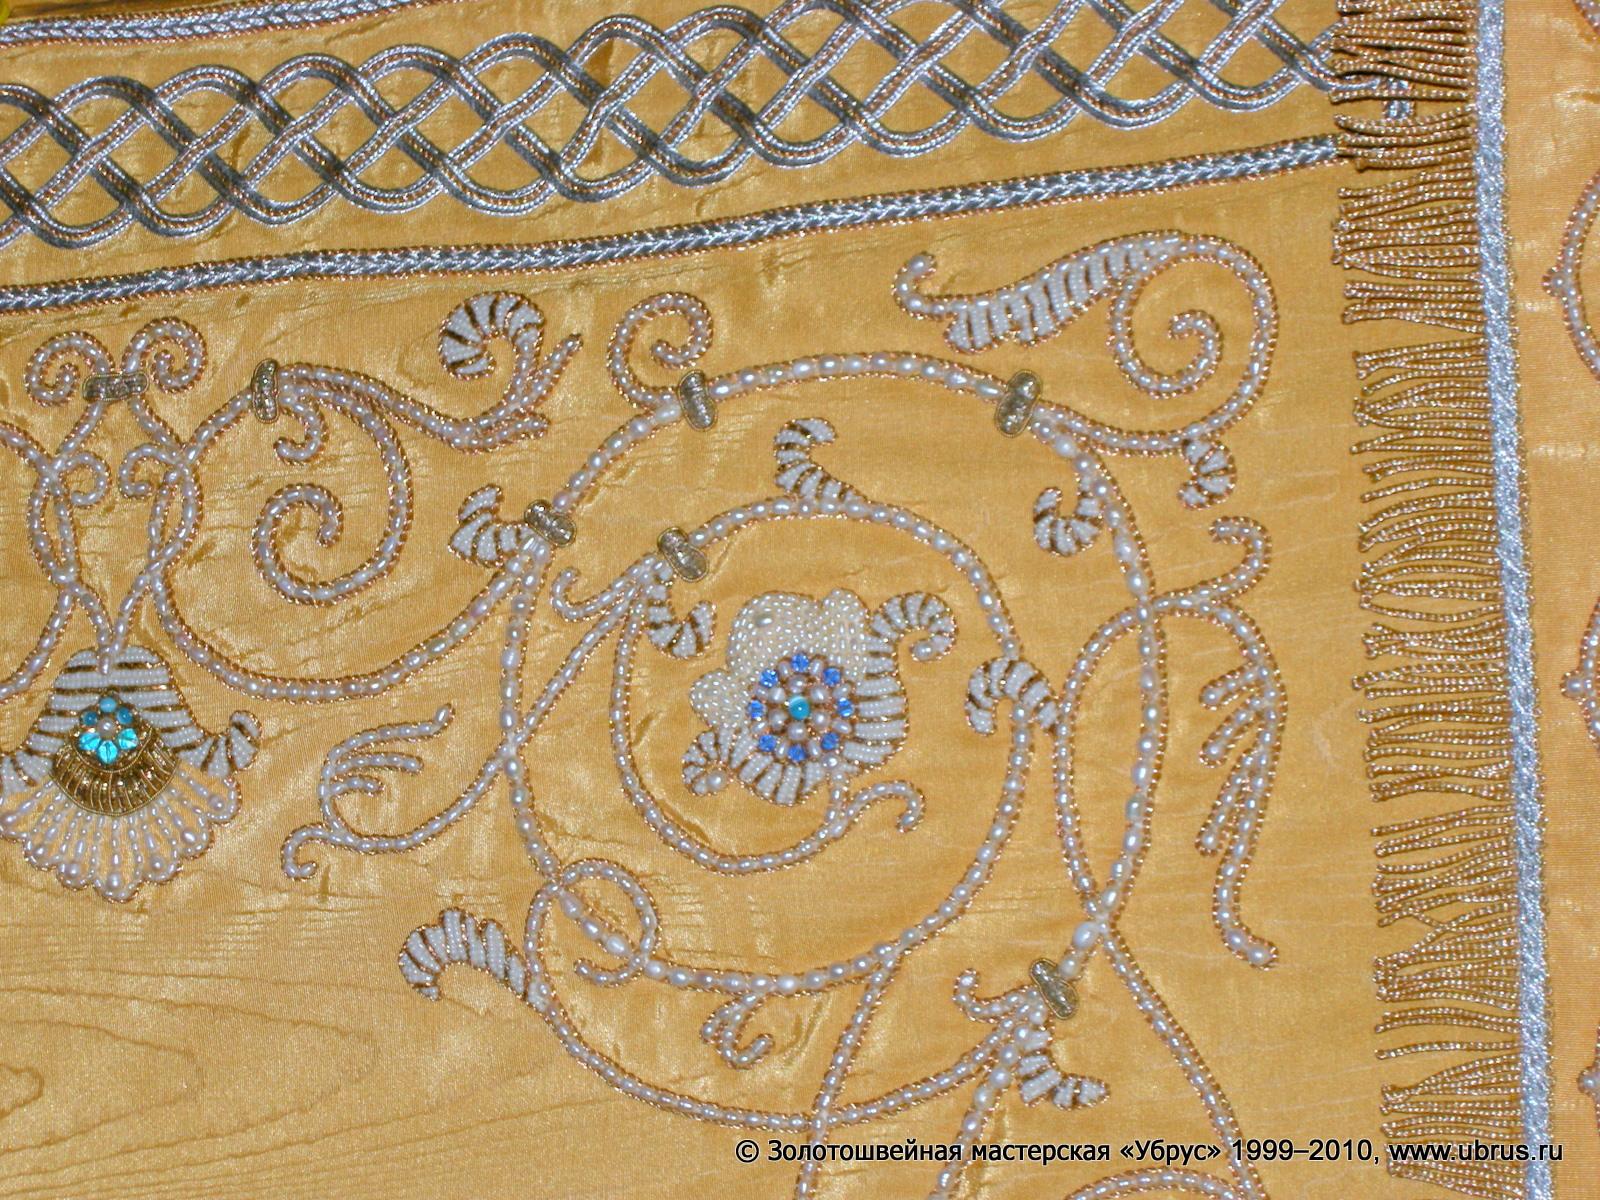 Золотошвейная вышивка убрус